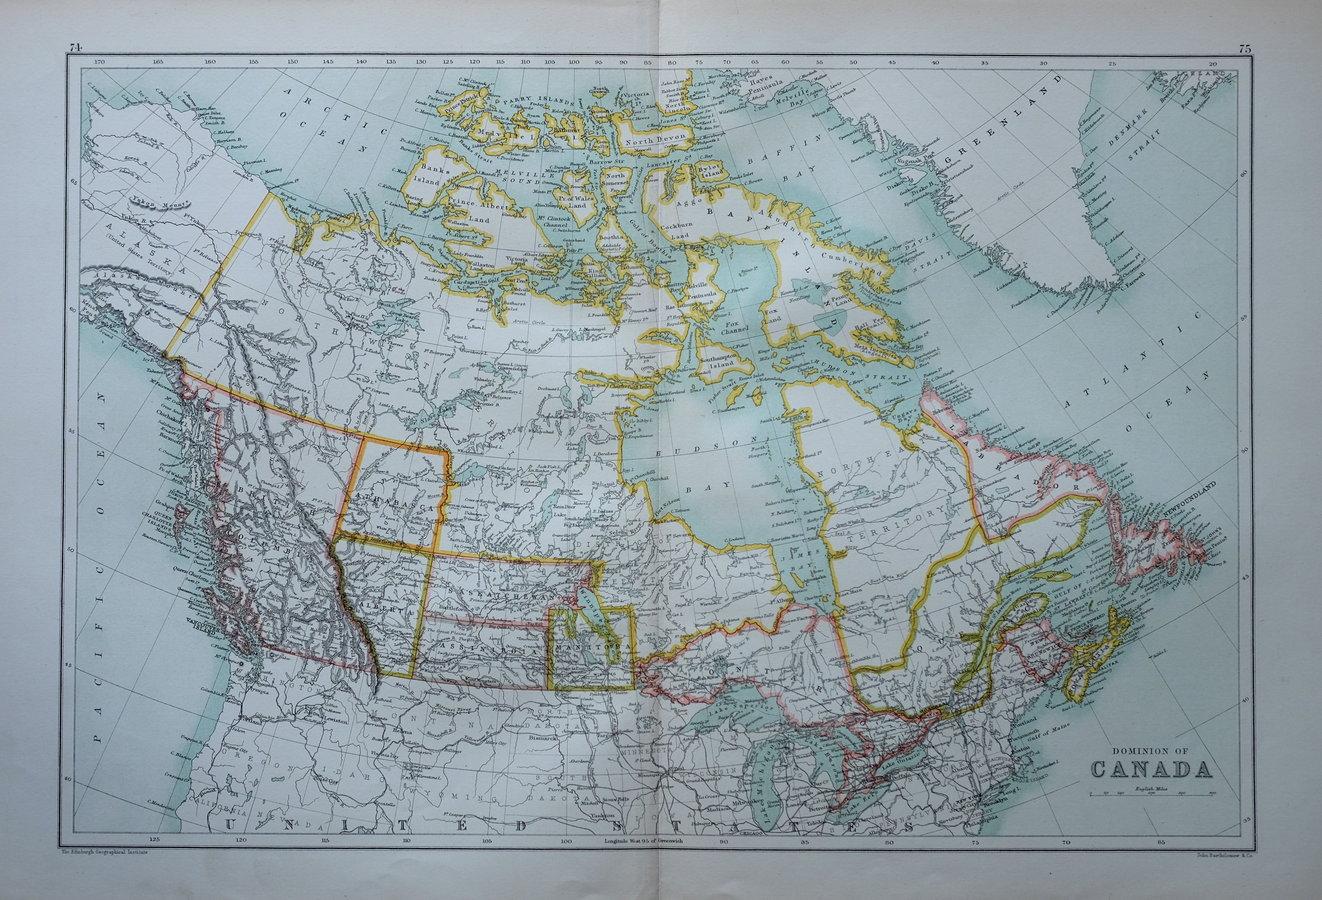 Canada by Bartholomew